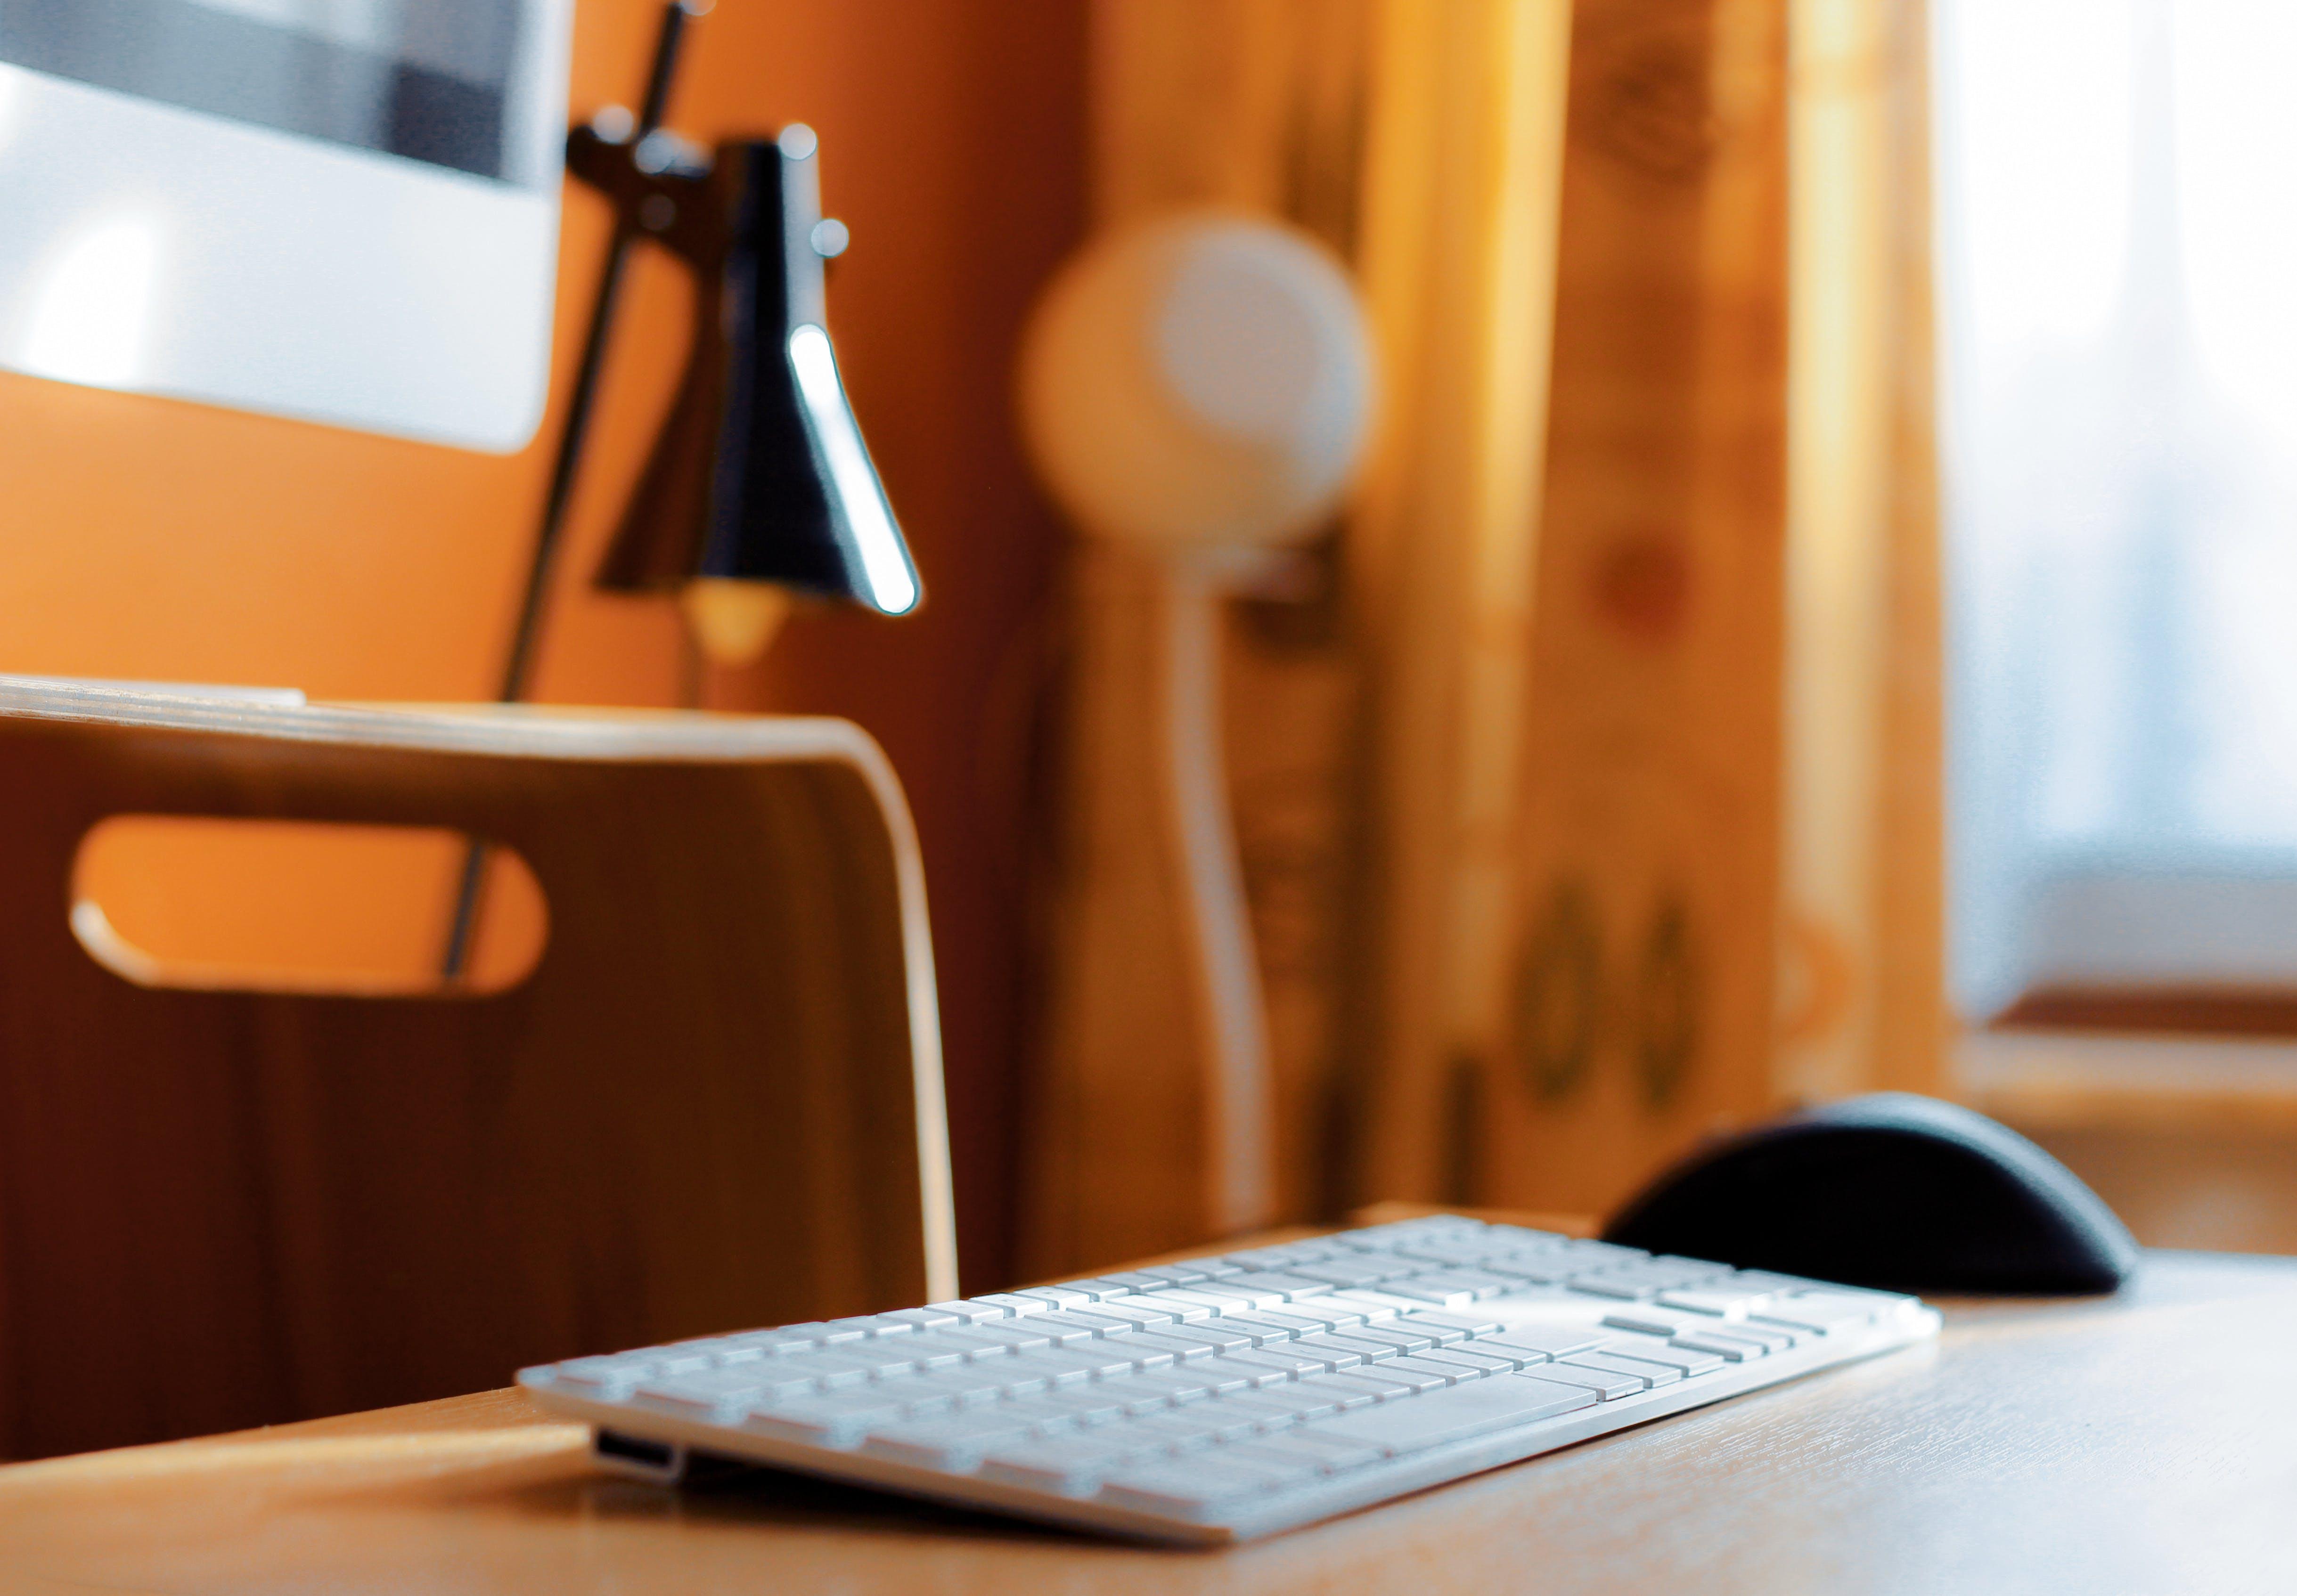 Close-Up Photography Wireless Keyboard